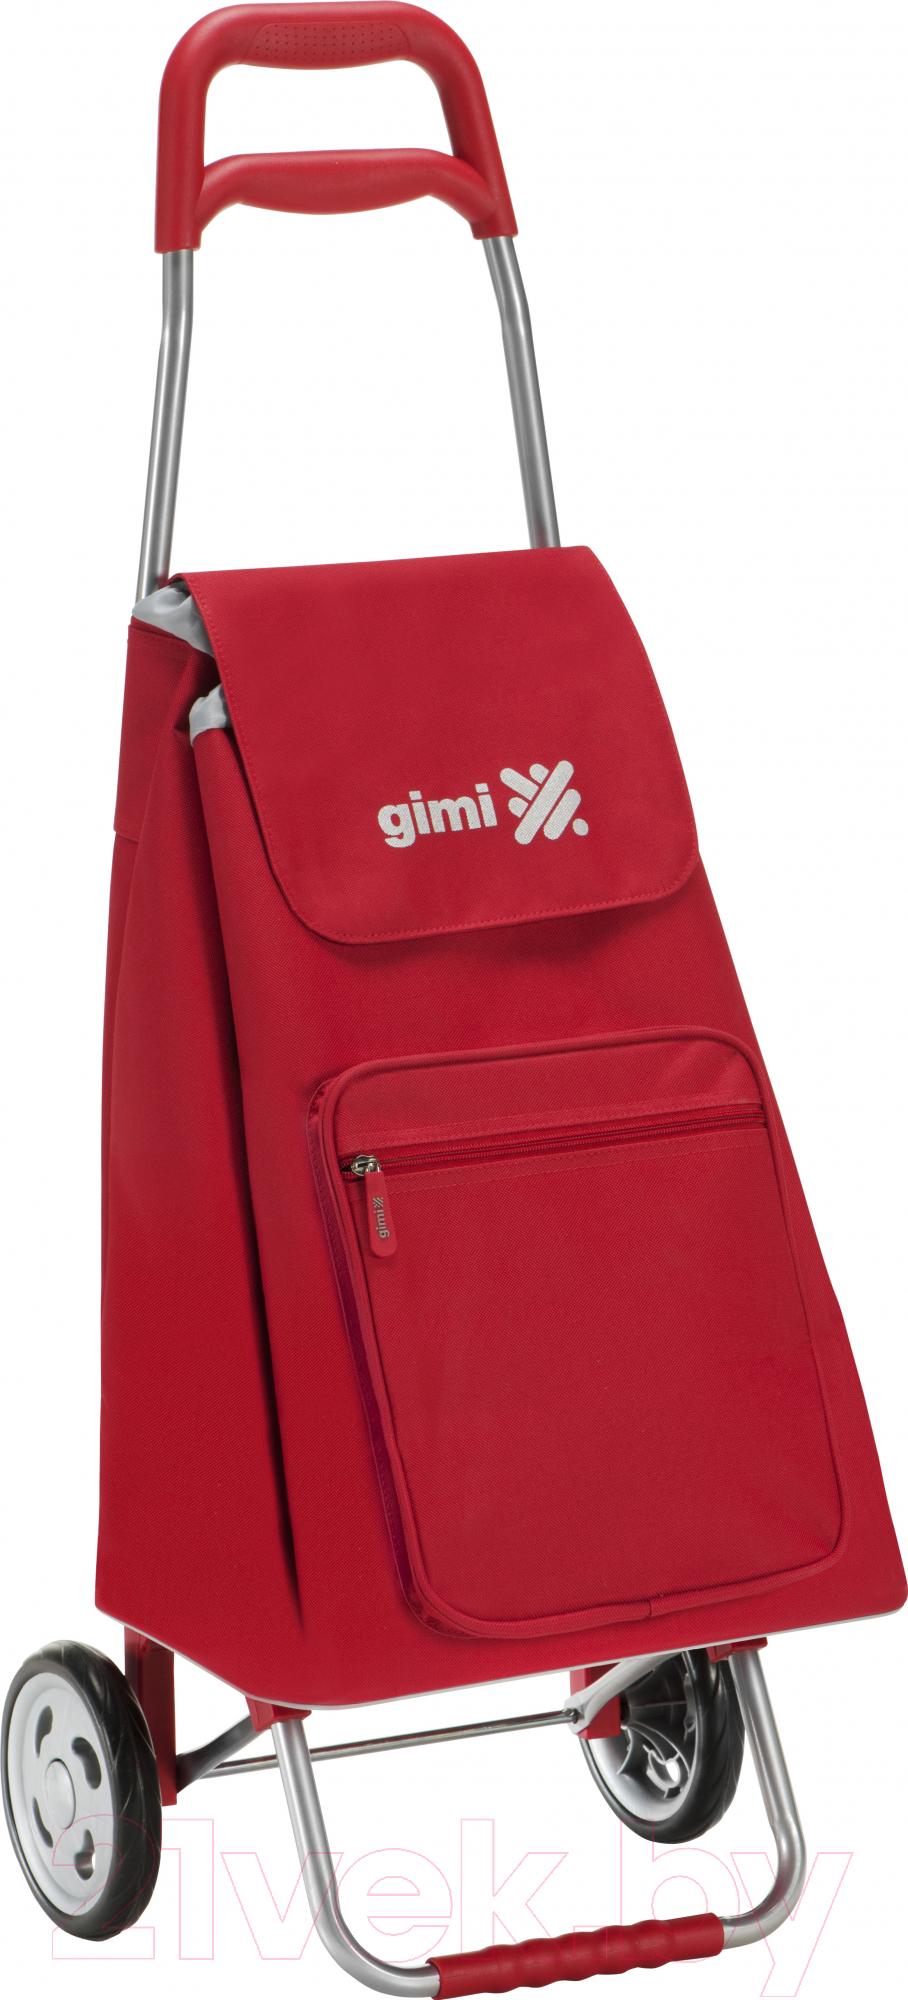 Купить Сумка-тележка Gimi, Argo GM117 (красный), Китай, пластик